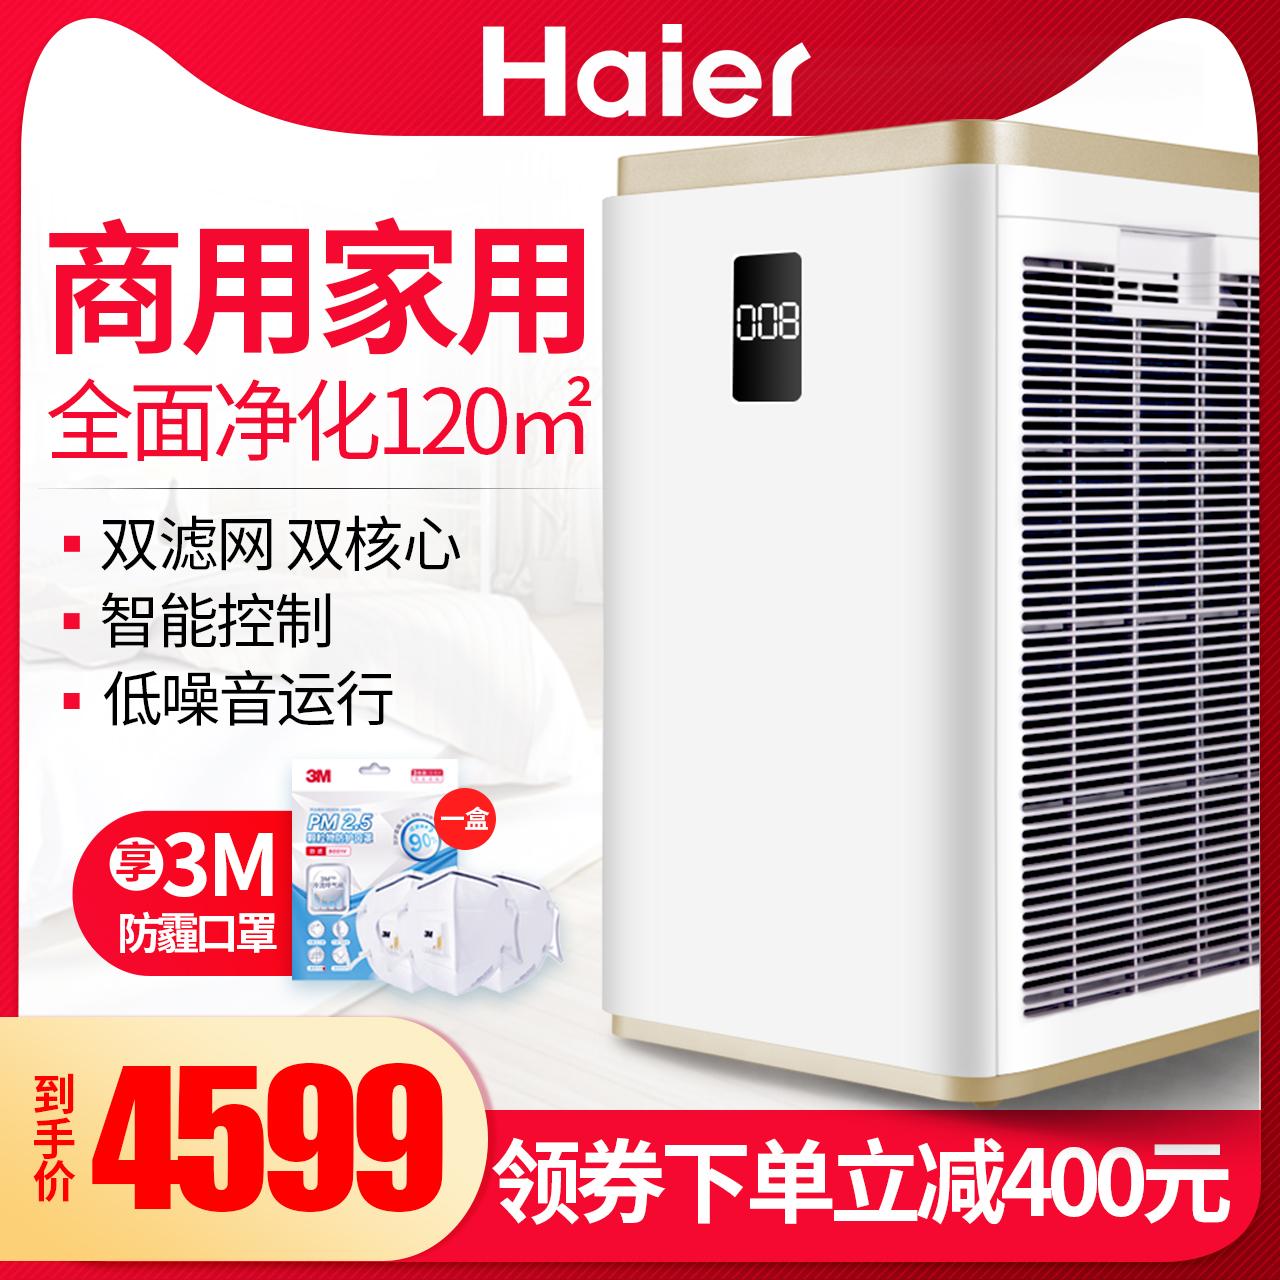 [haier海尔力王天成专卖店空气净化,氧吧]海尔空气净化器别墅商家用客厅大户型去月销量11件仅售4999元